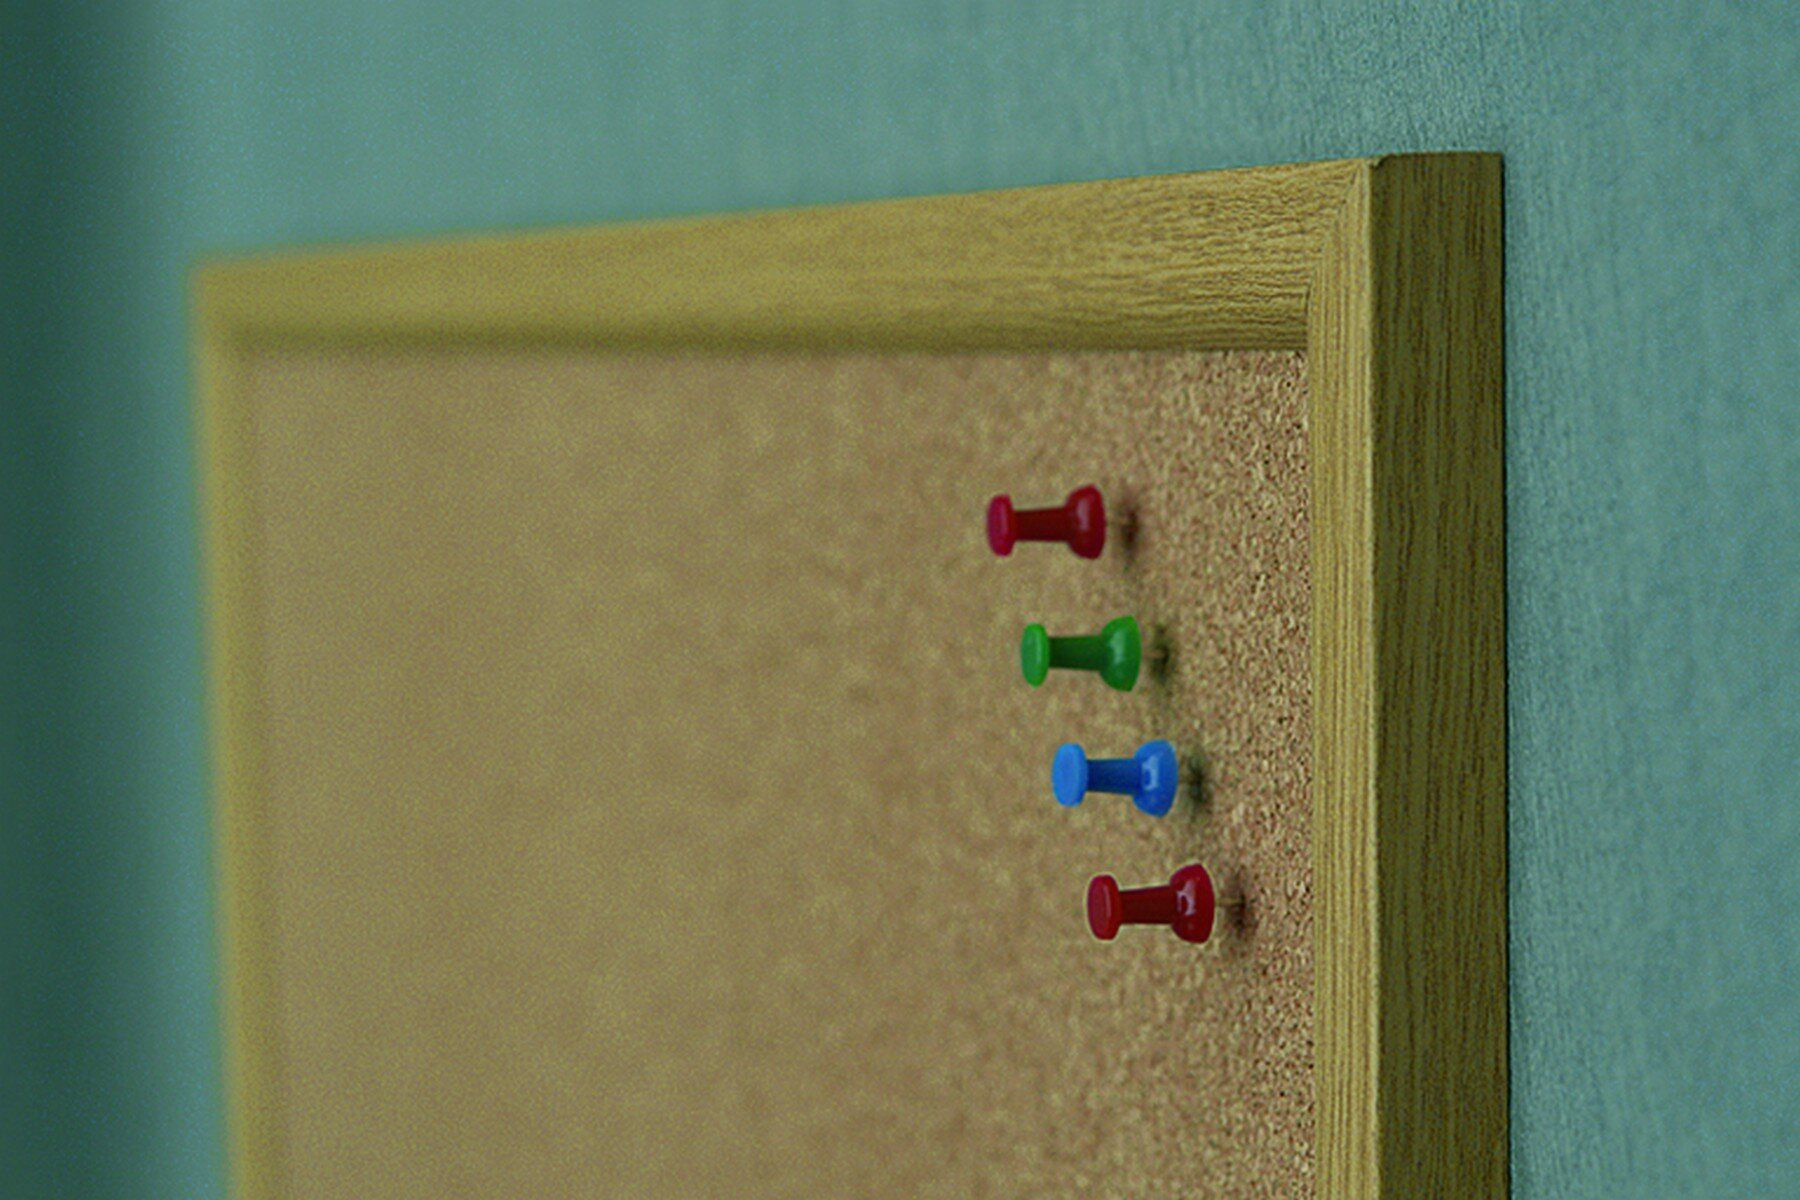 Доска пробковая (сосна) 60*80см., деревянная рамка 2x3 - фото 5